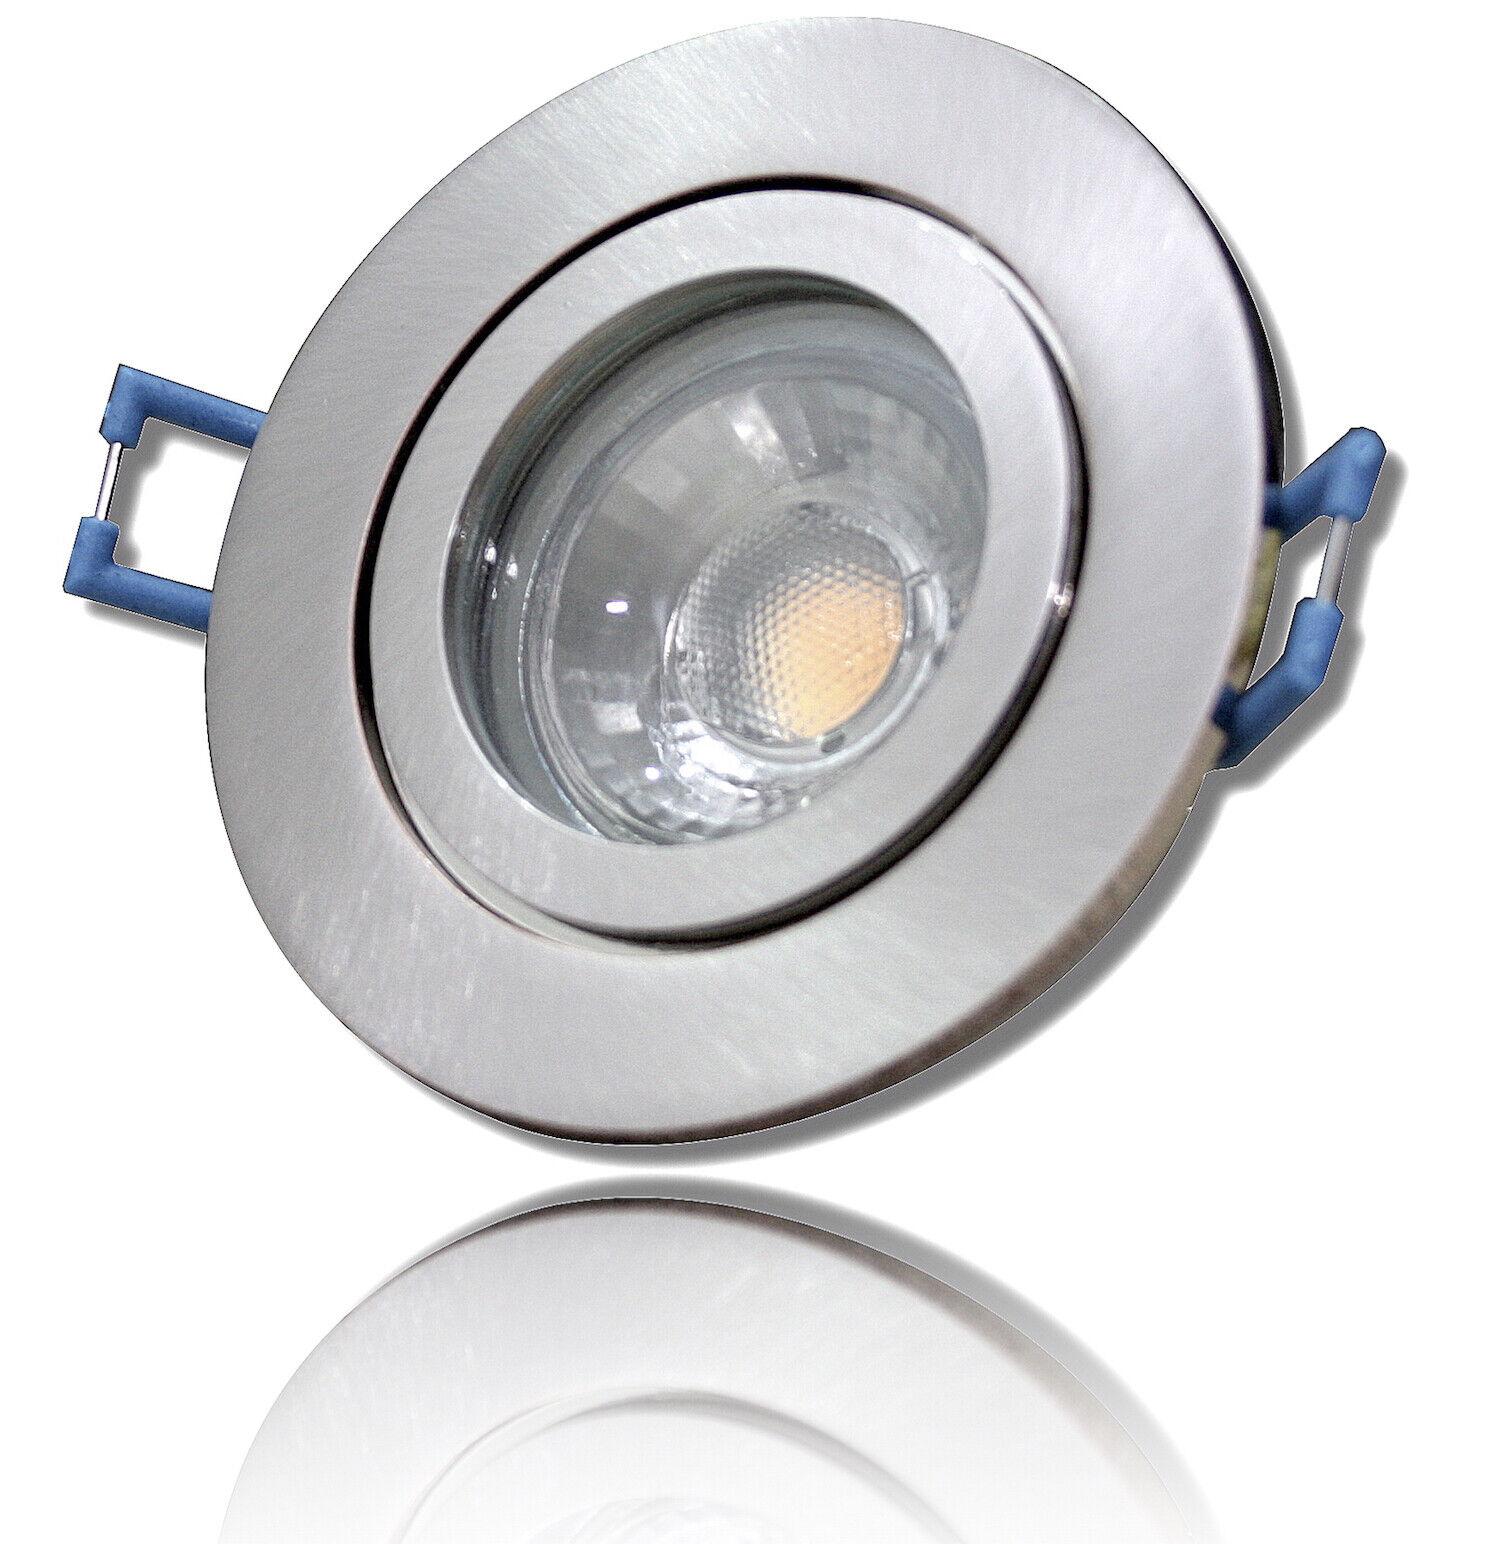 1 -  10er Sets   3Watt   LED Bad Einbaustrahler Marina   Silber   220V   IP44